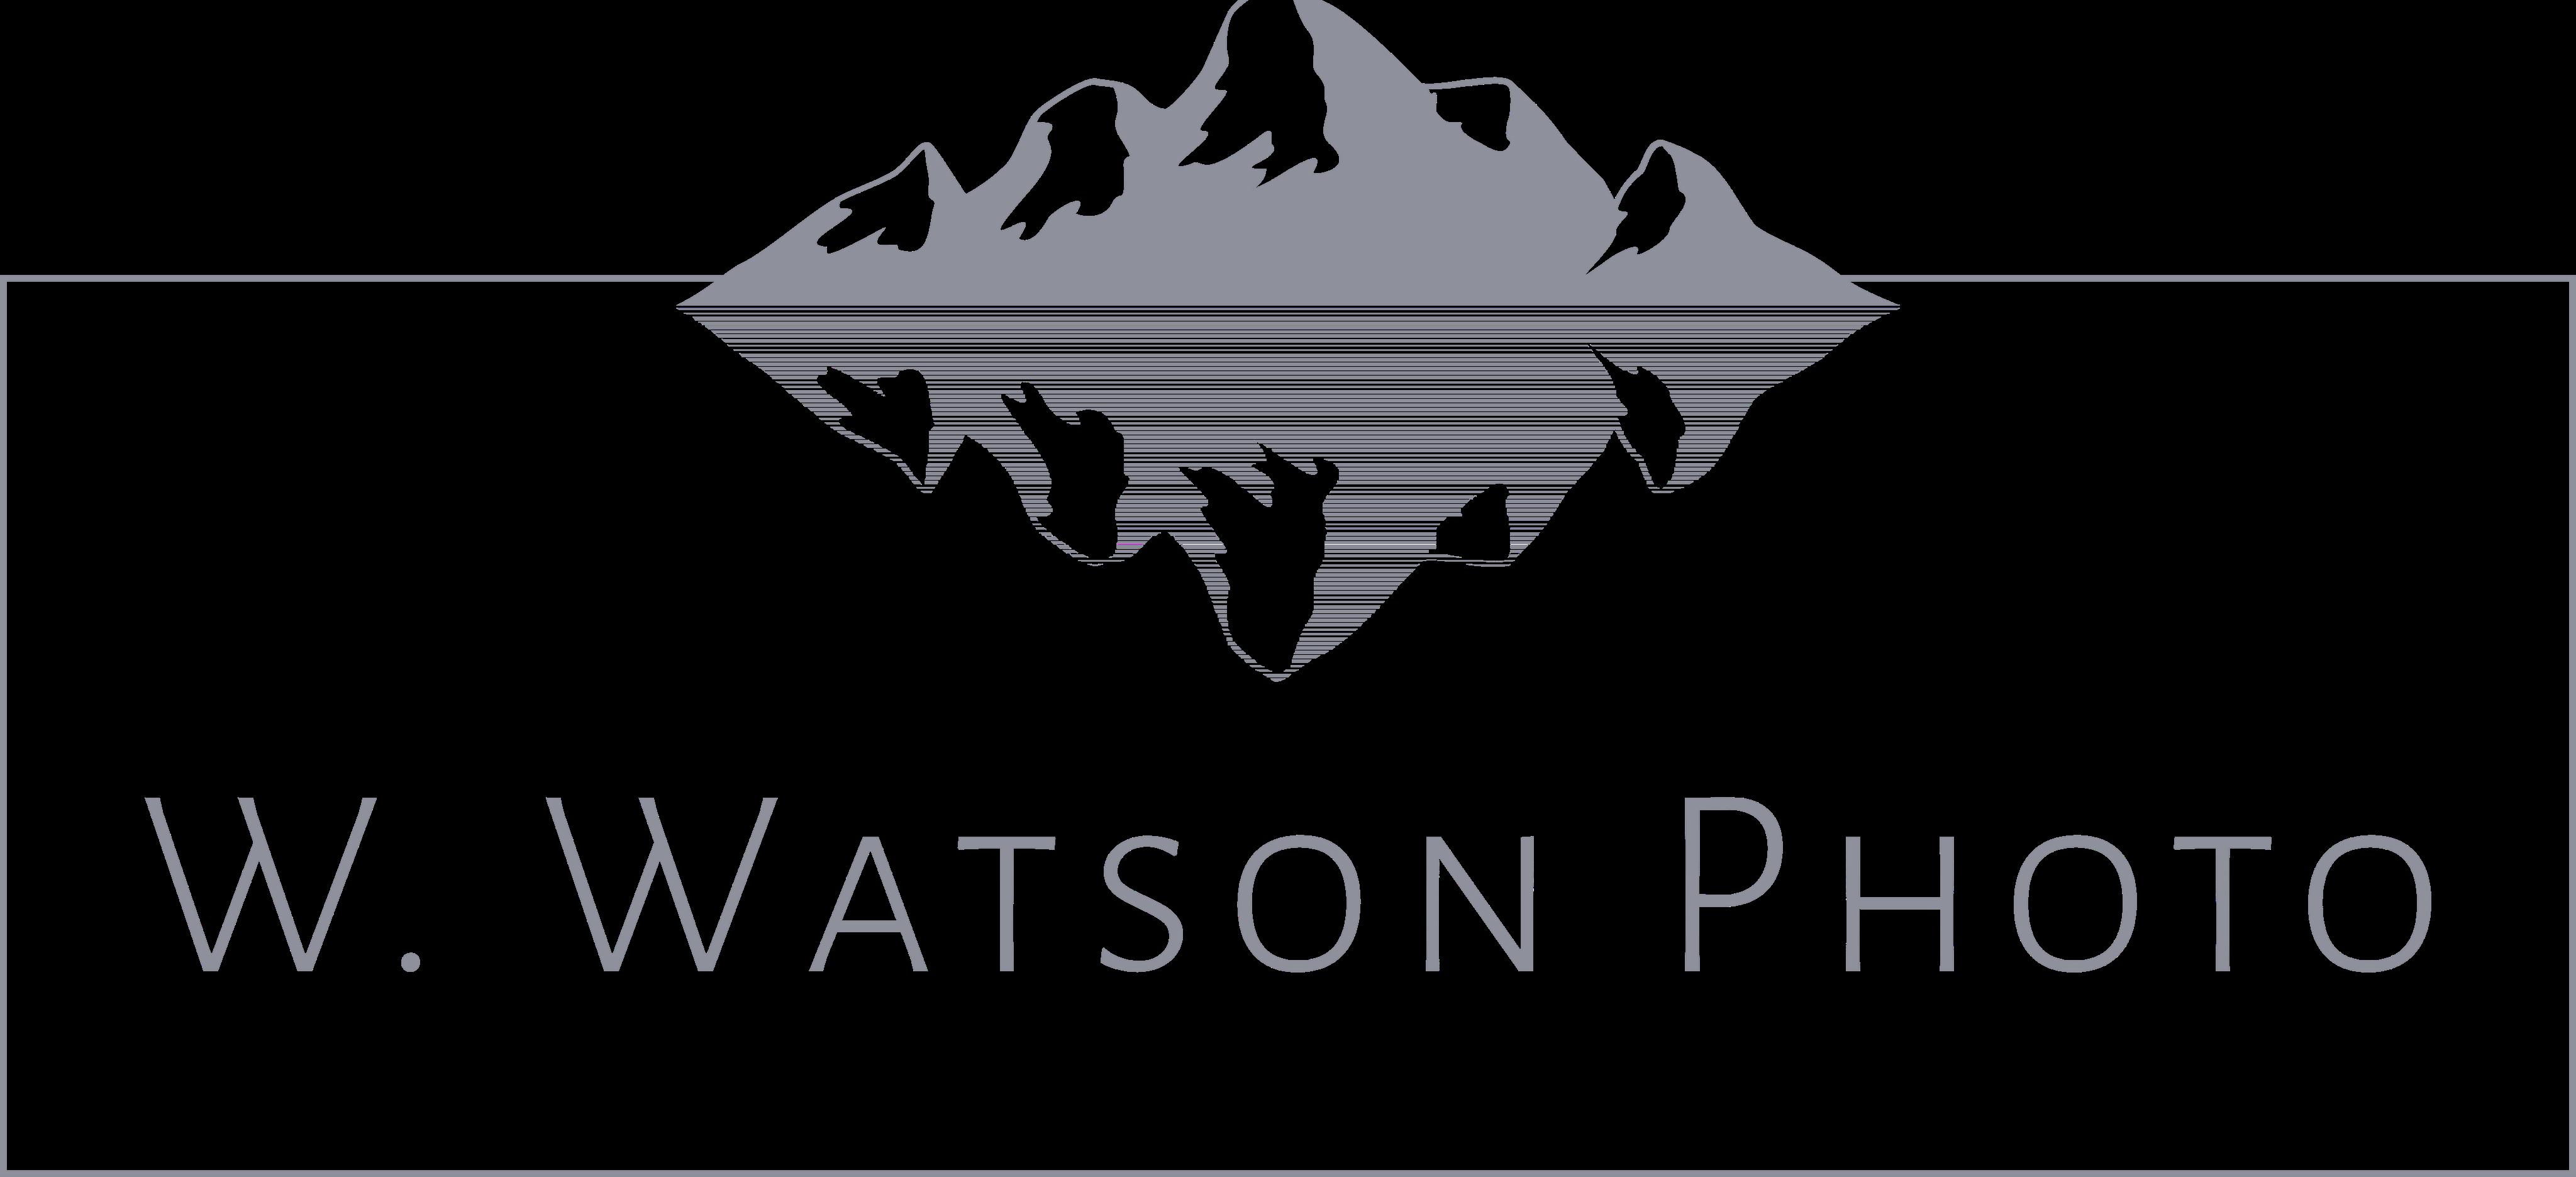 W. Watson Photo